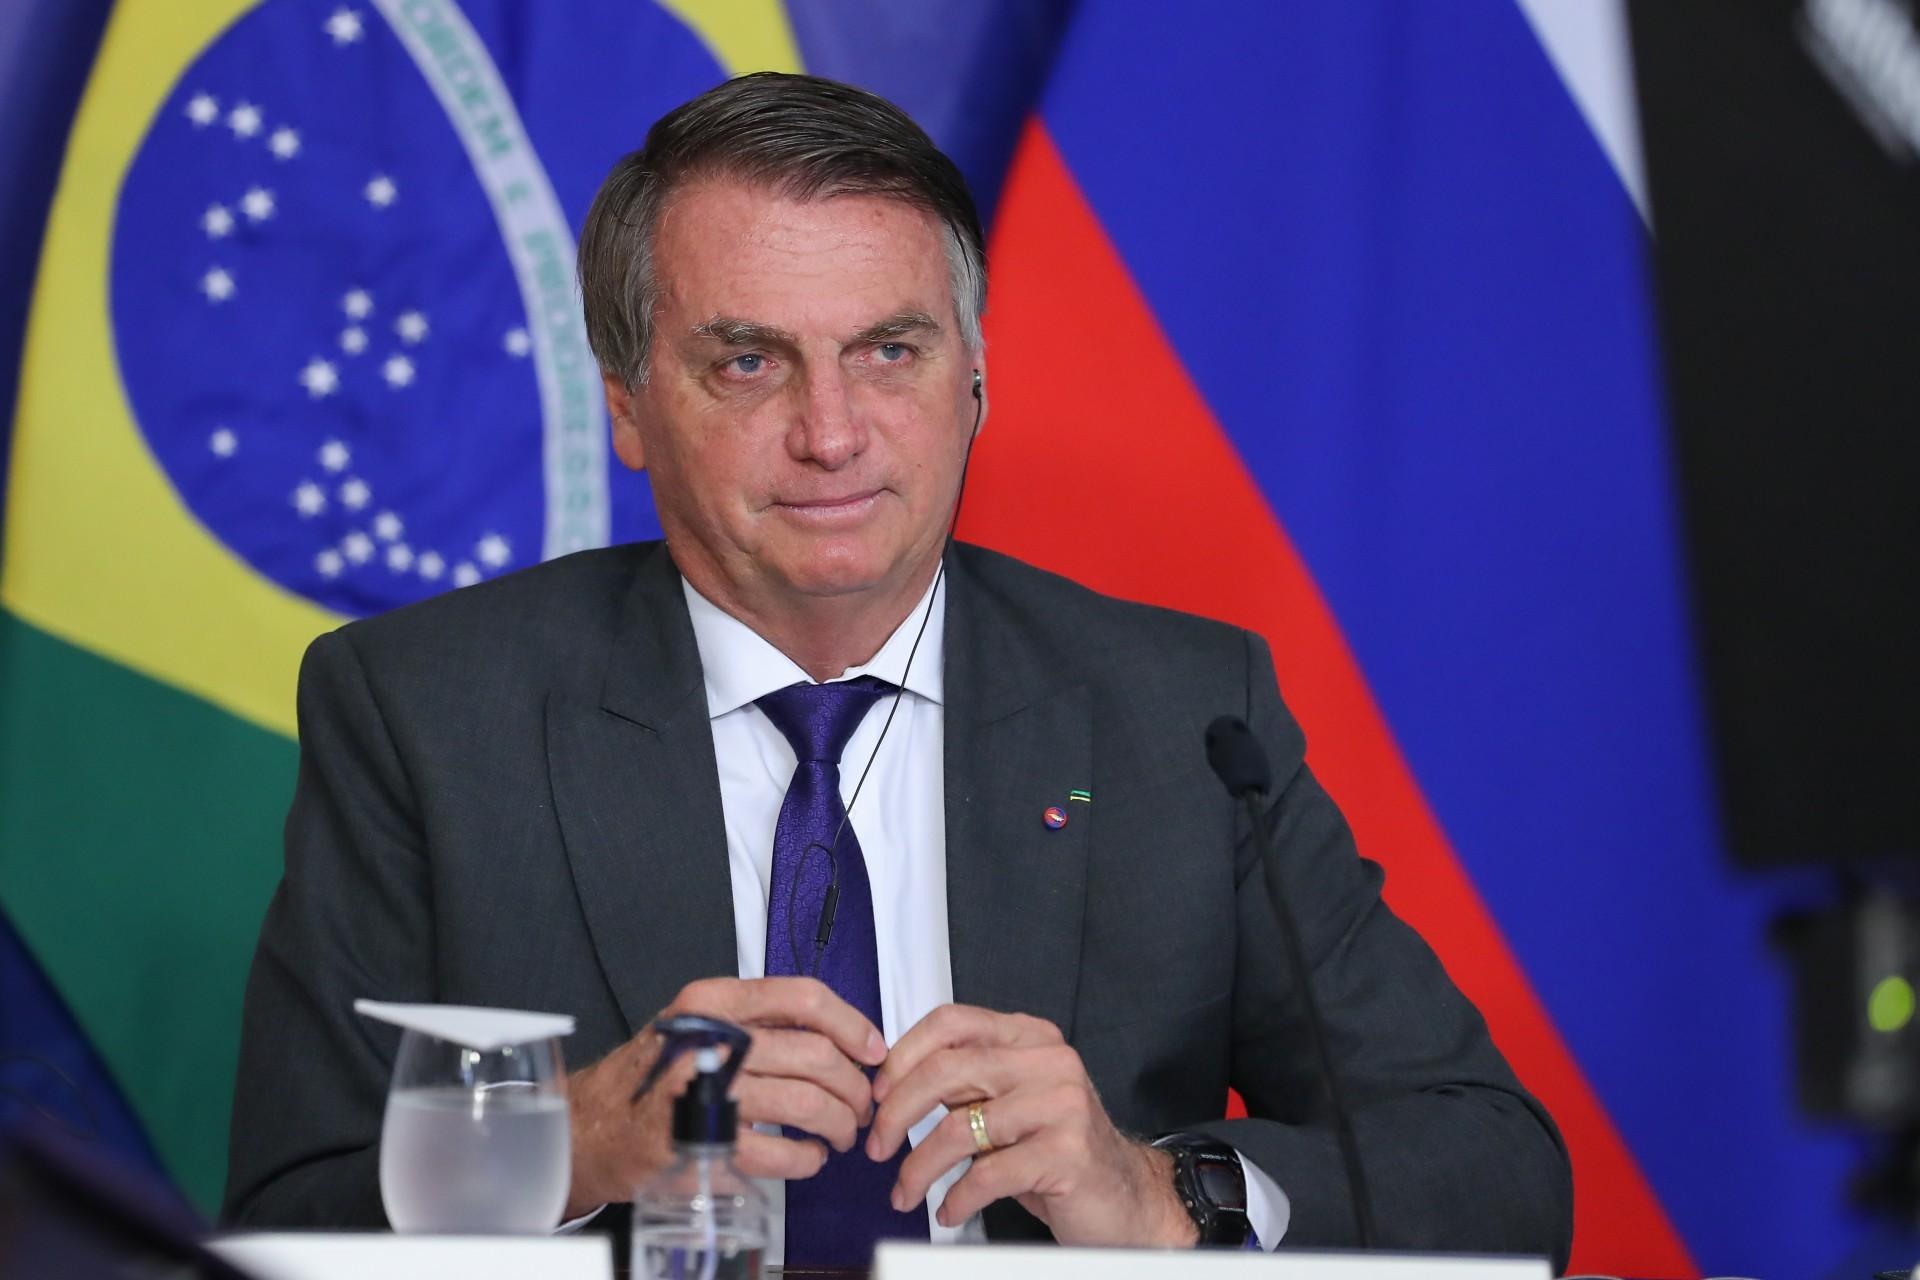 BAIXADA de tom do presidente incomodou parte dos aliados (Foto: Marcos Corrêa /Presidência da República)